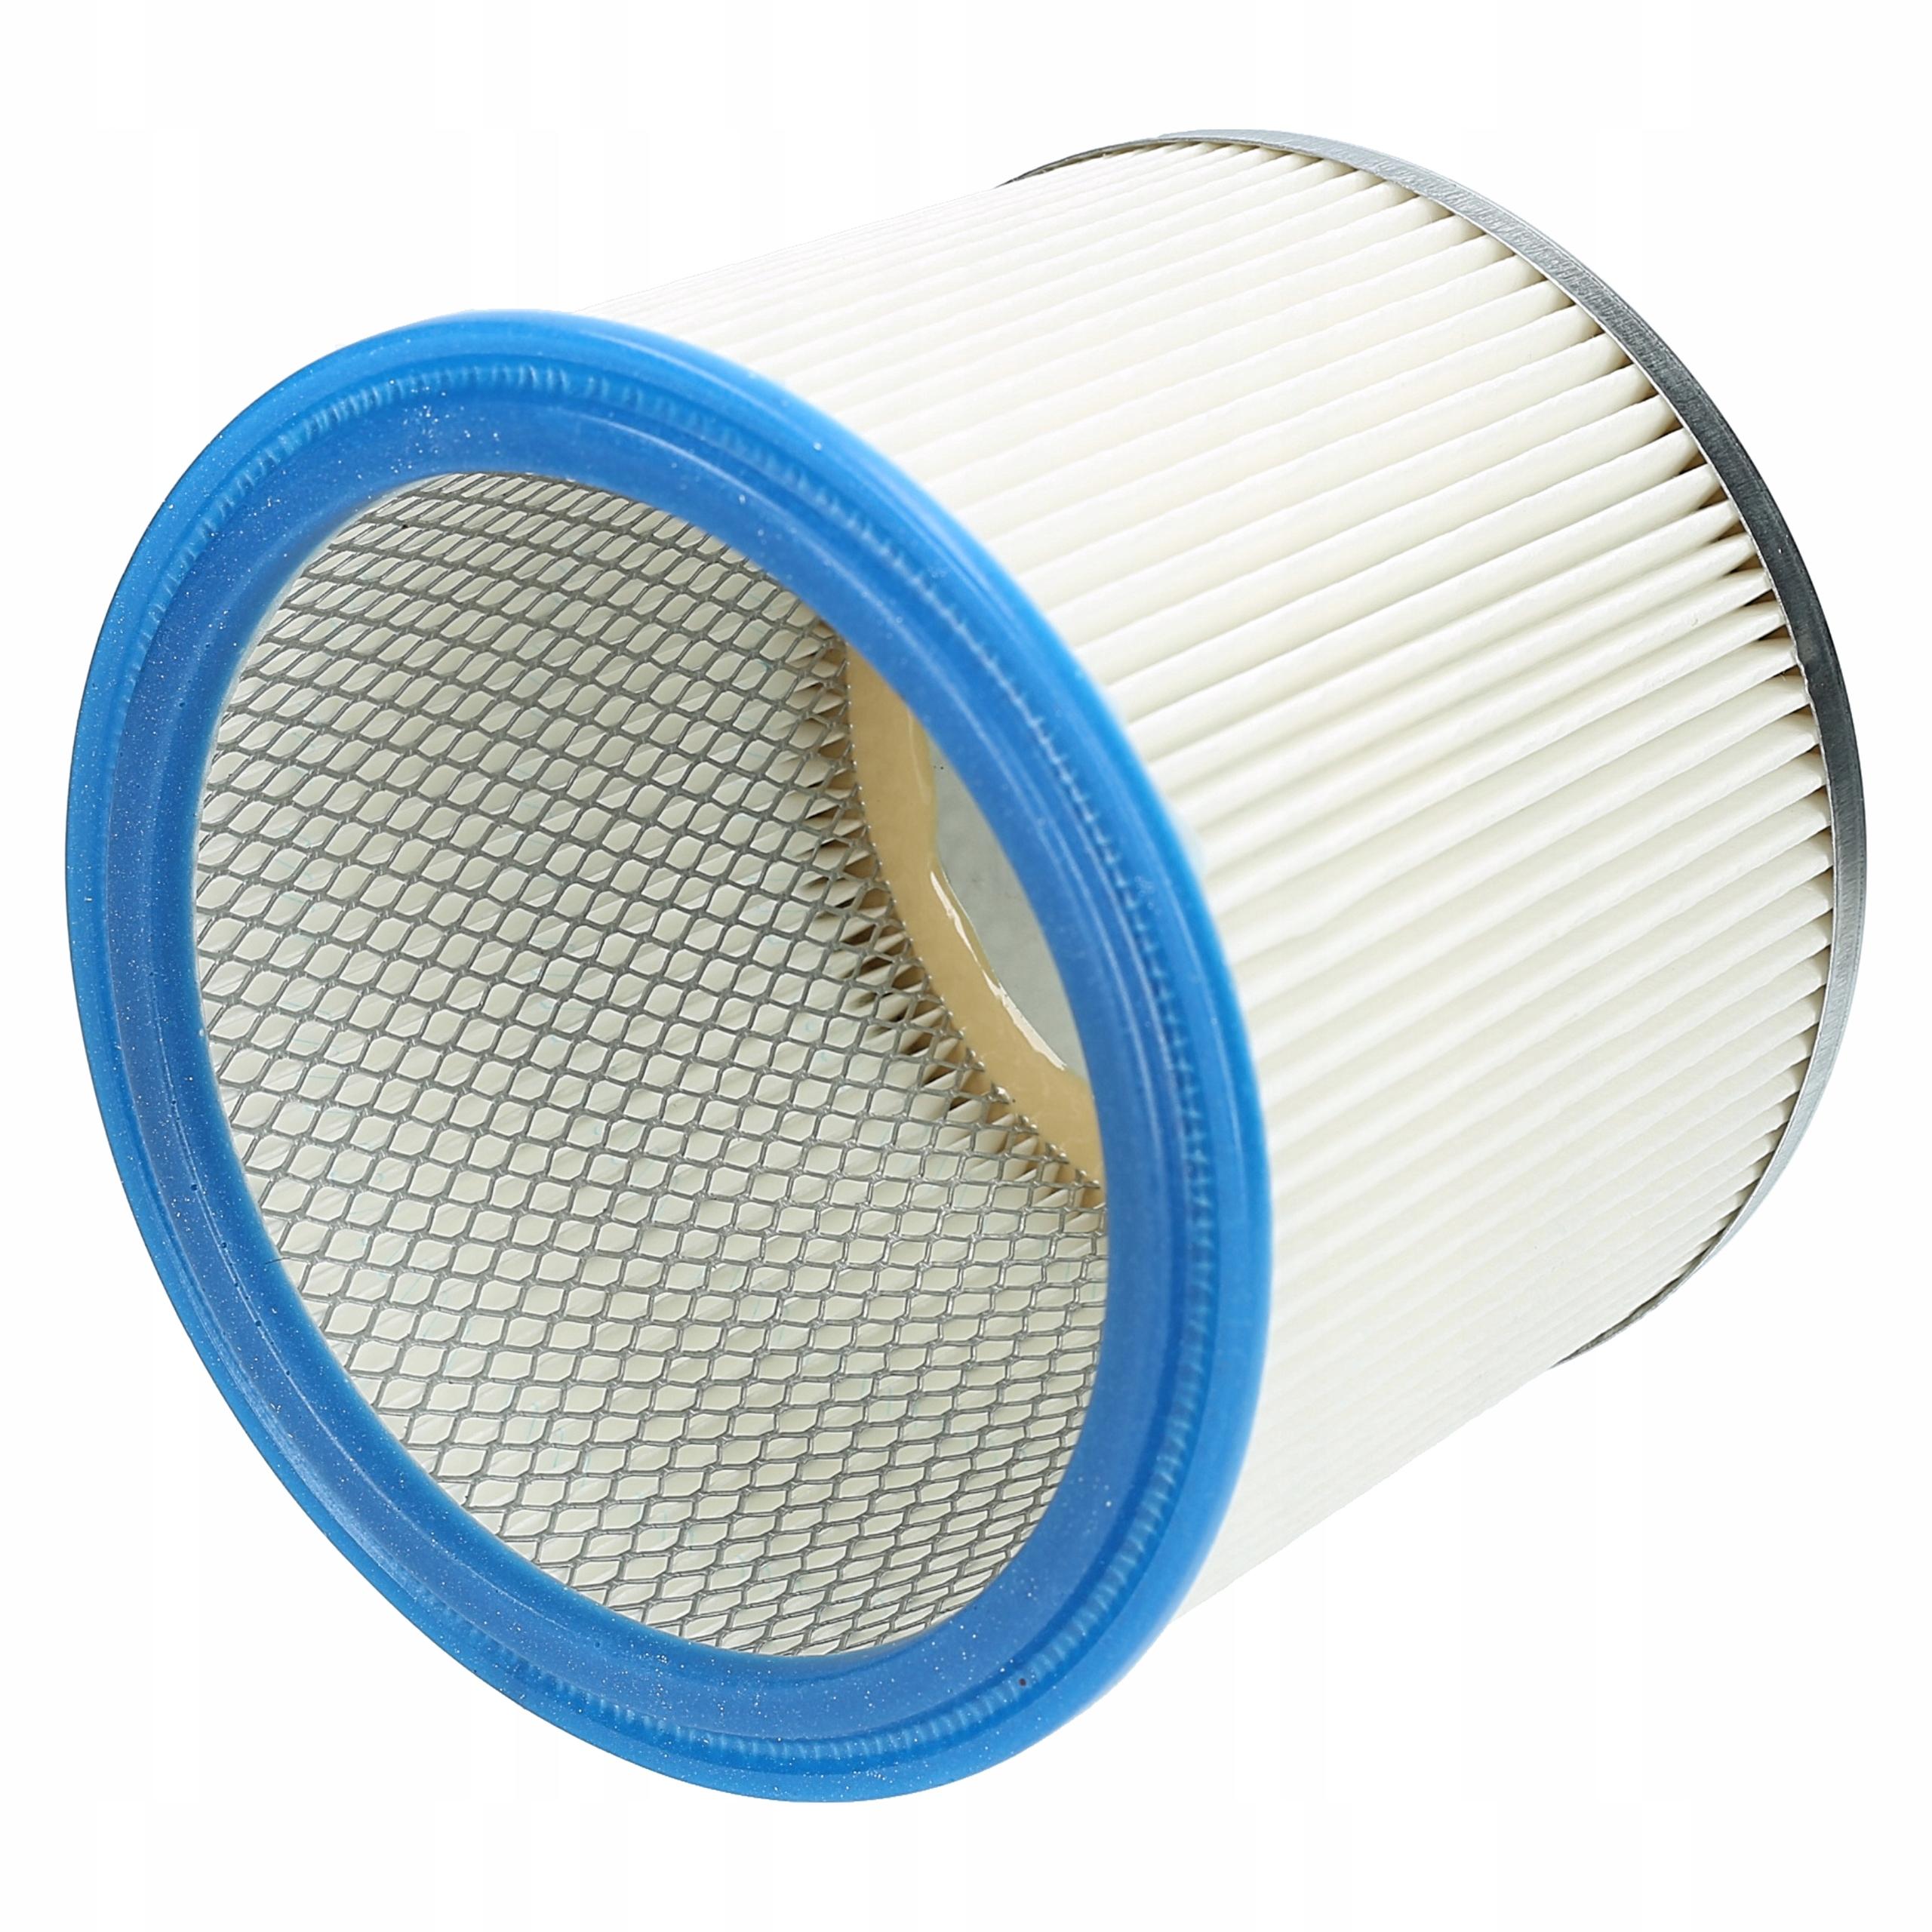 Filter pre vysávač Einhell BT-VC 1500 SA